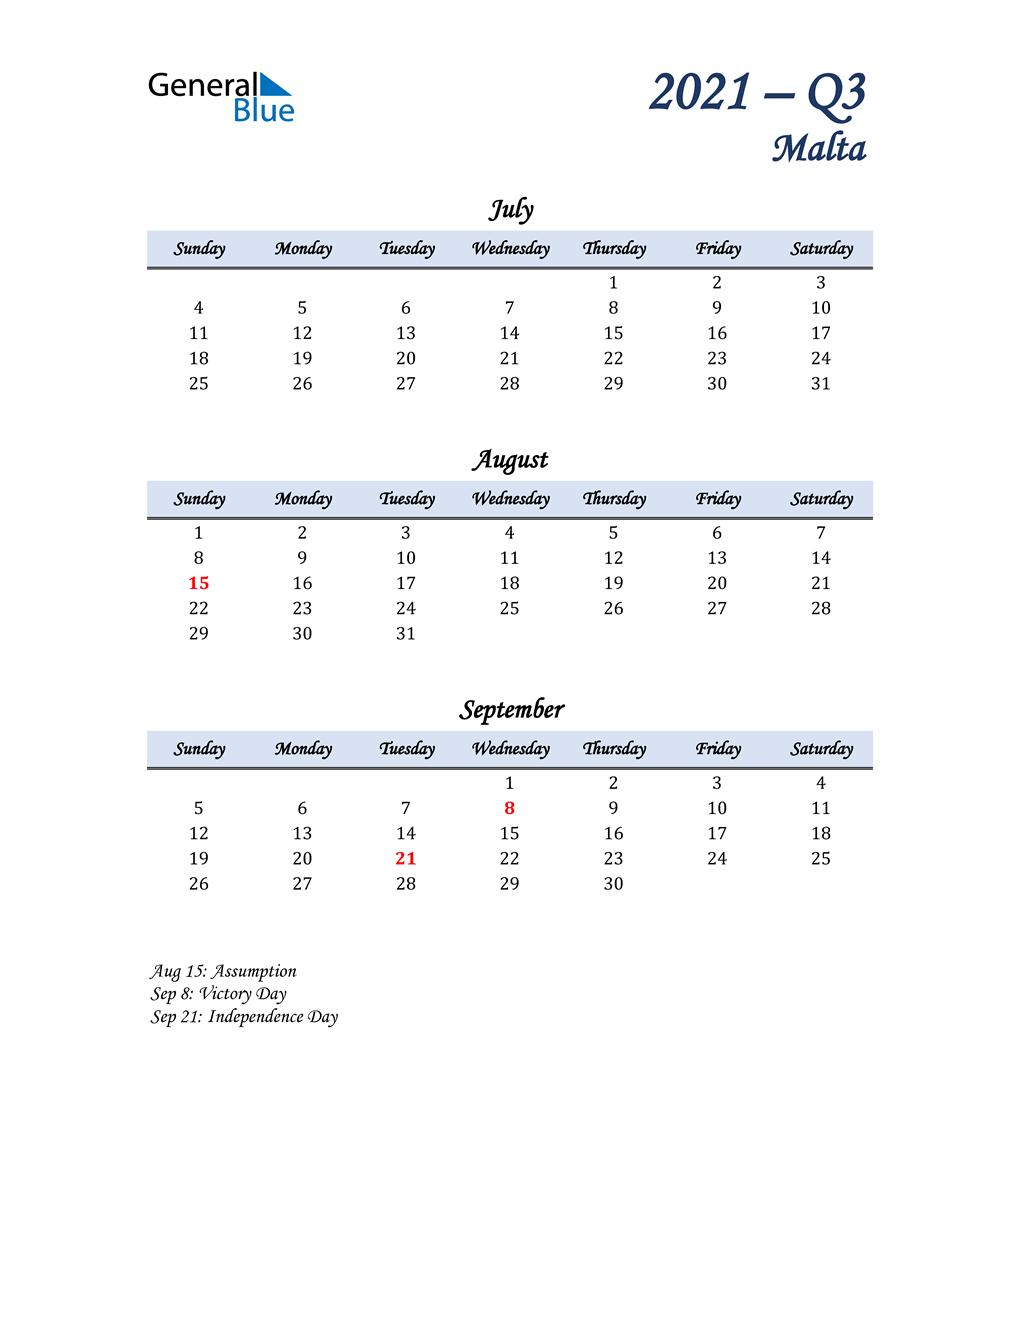 July, August, and September Calendar for Malta